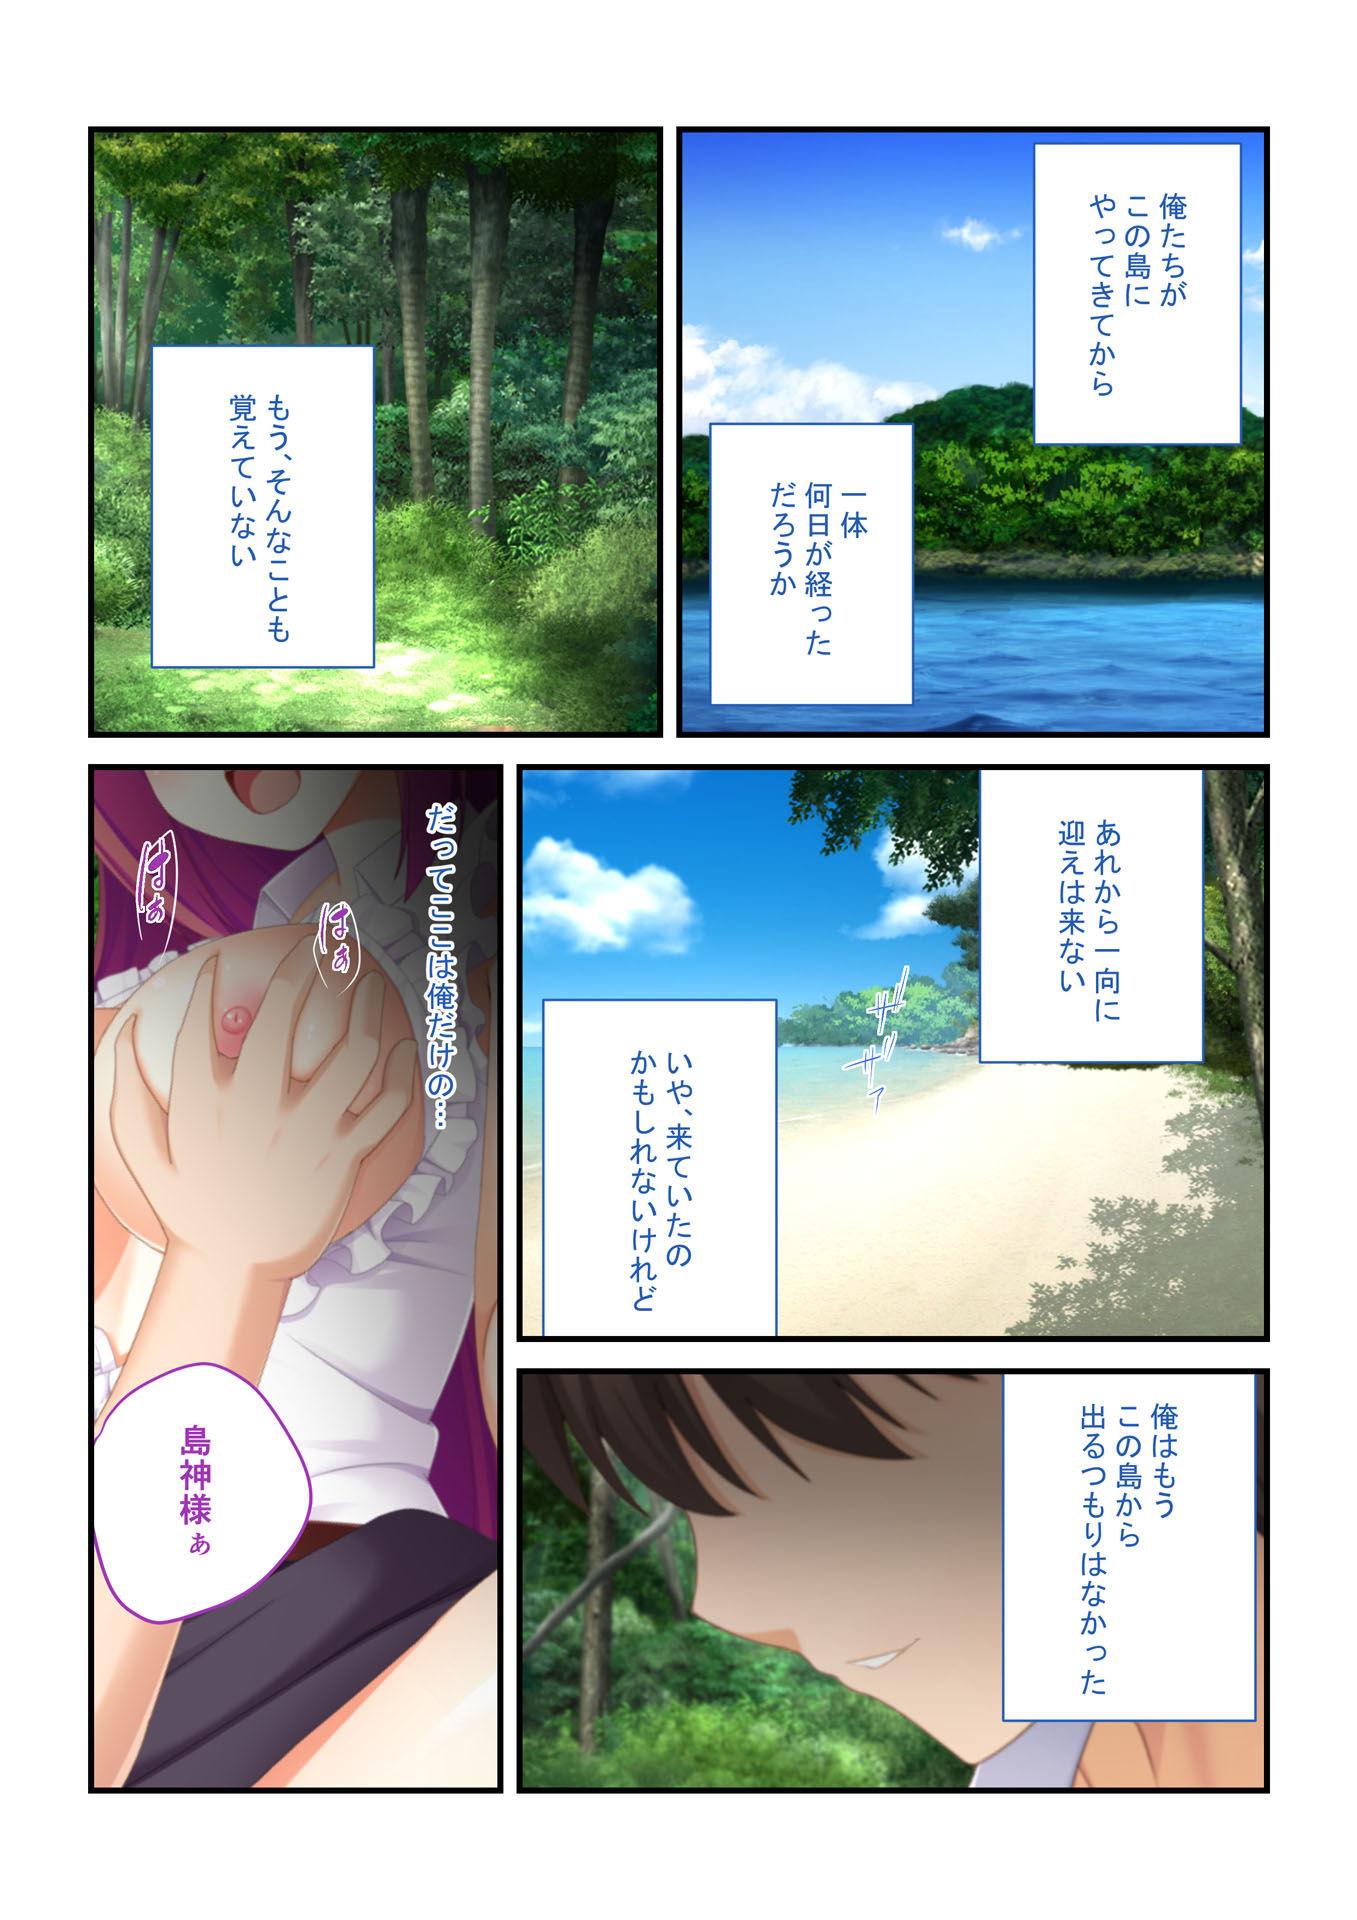 【どろっぷす! 同人】【フルカラー】強制ハメ!孕ませ島抵抗できない女子とハーレムSEX!(5)